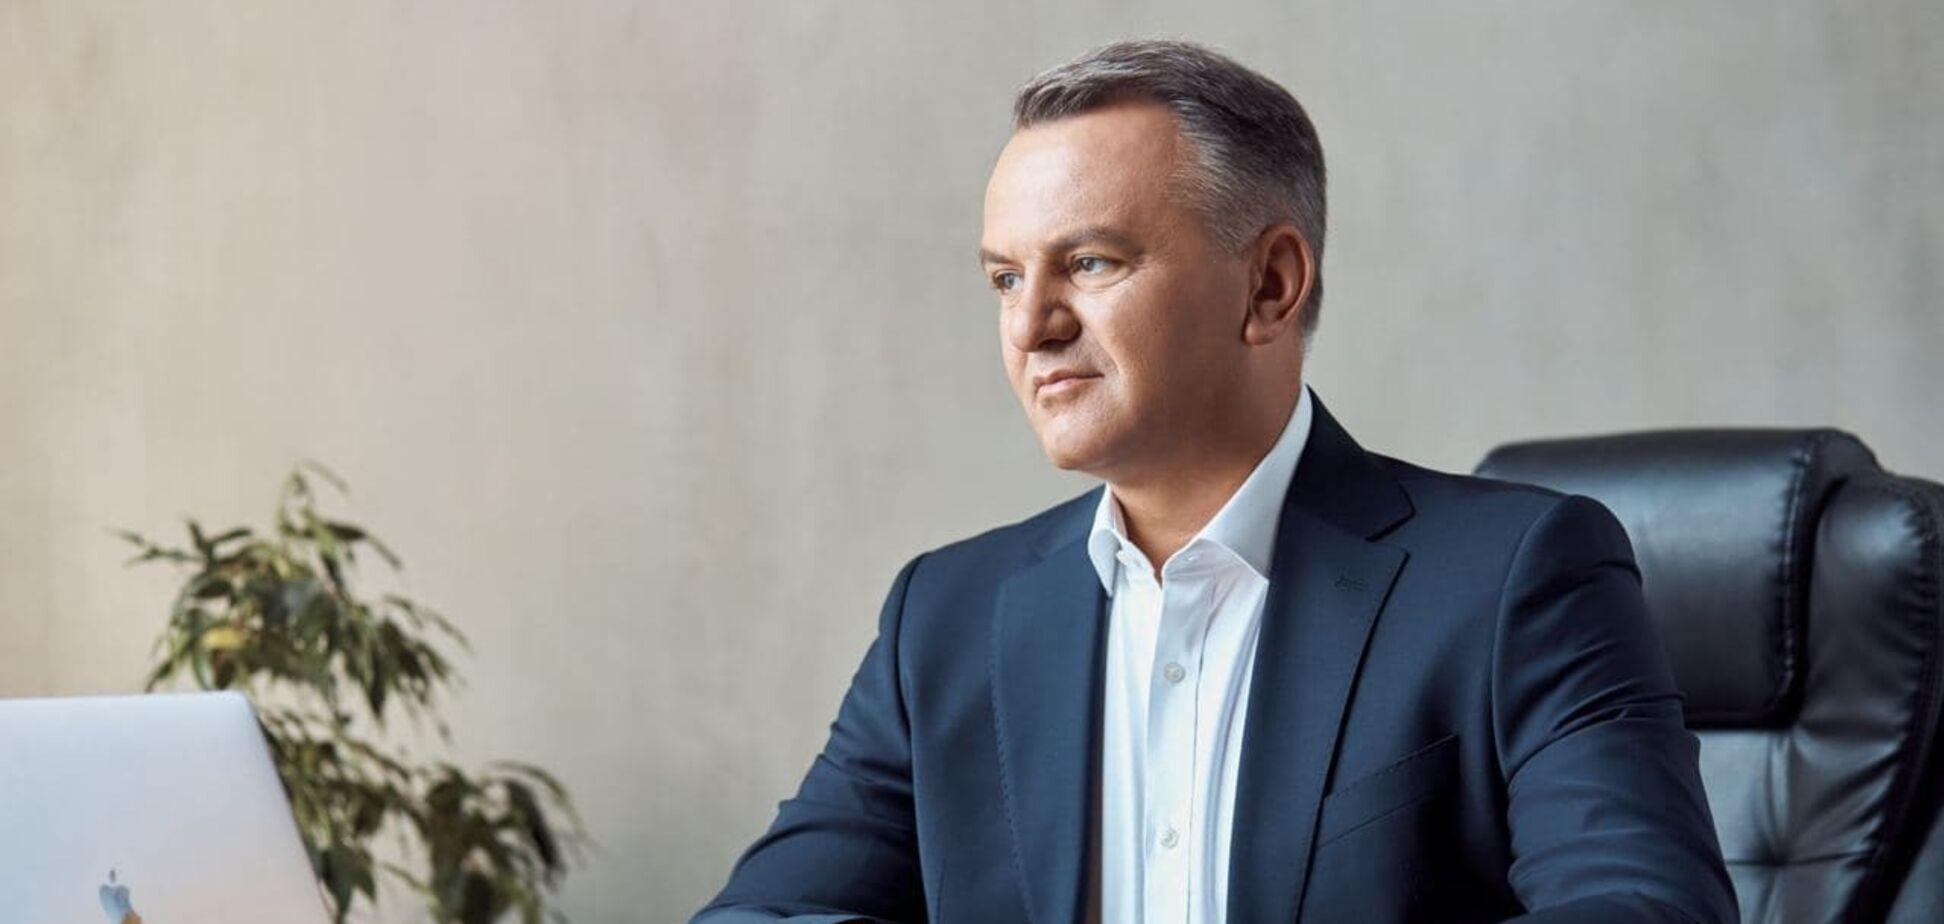 Олег Синютка обнародовал меморадум 'ЕС' о сотрудничестве с другими партиями